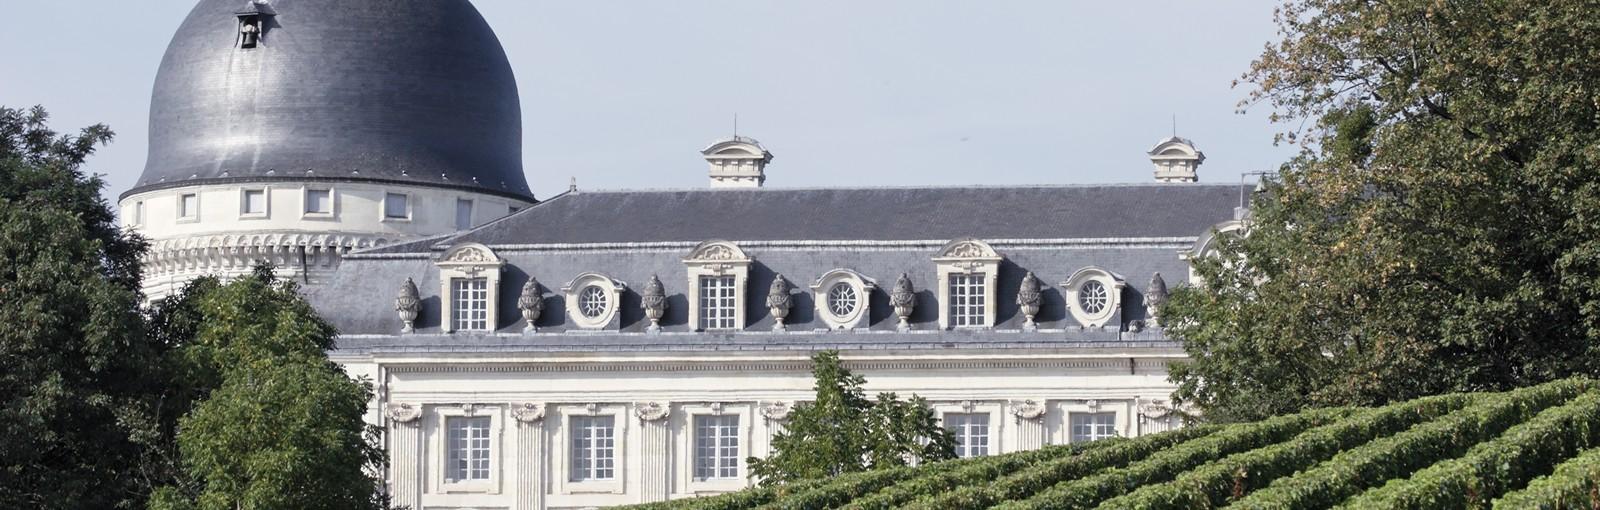 Tours Entre Berry et Loire, vins et châteaux petits et grands - Vallée de la Loire - Circuits au départ de Paris